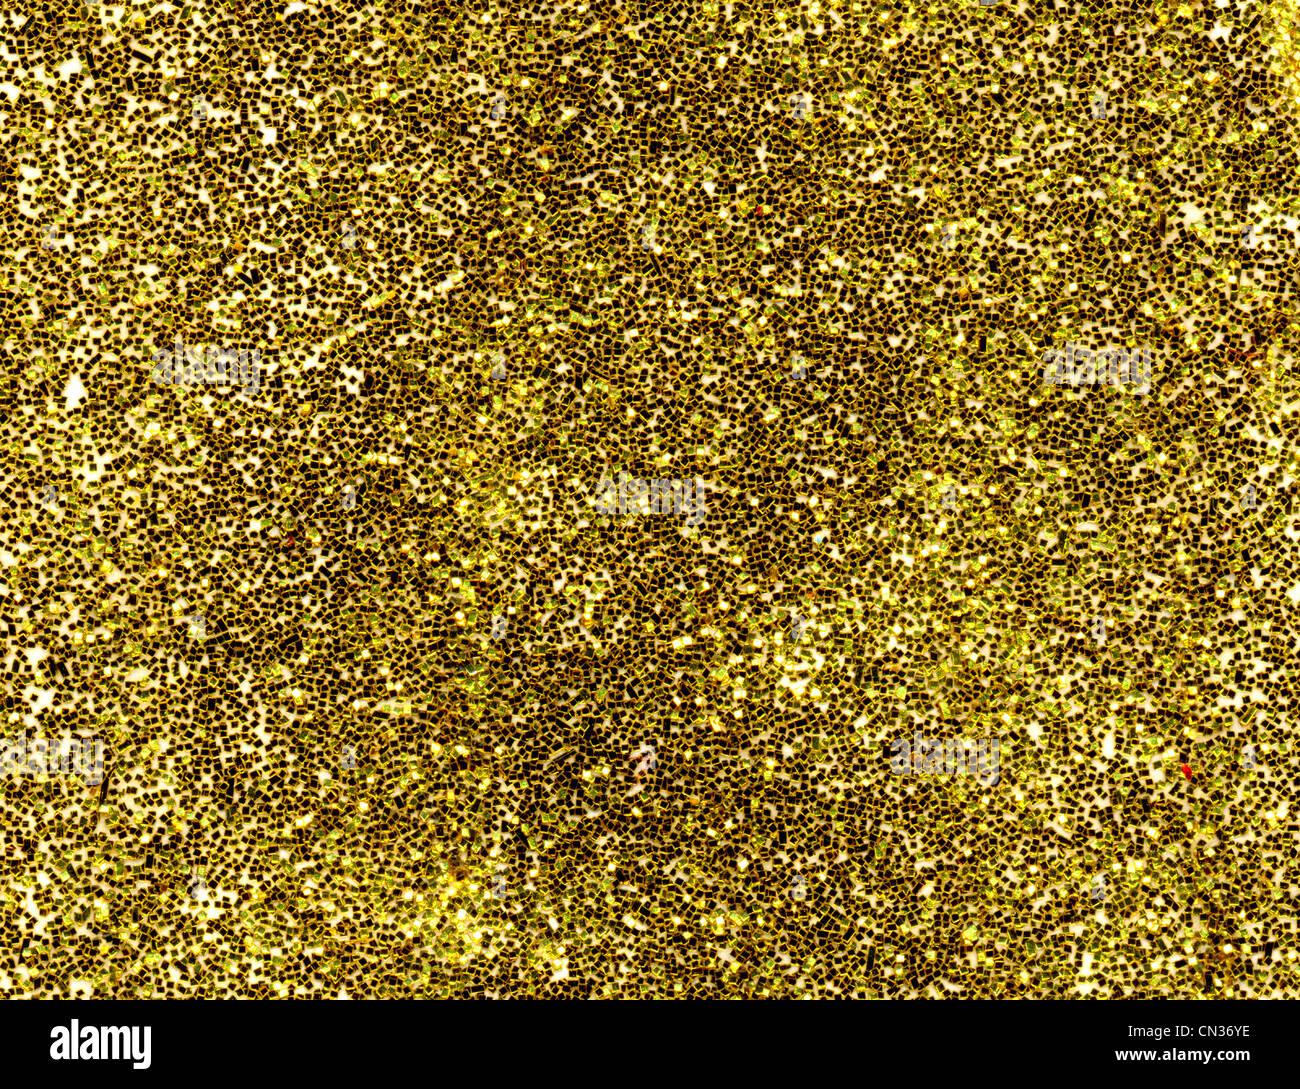 Goldglitter Makro Nahaufnahme Textur Hintergrund. Stockbild